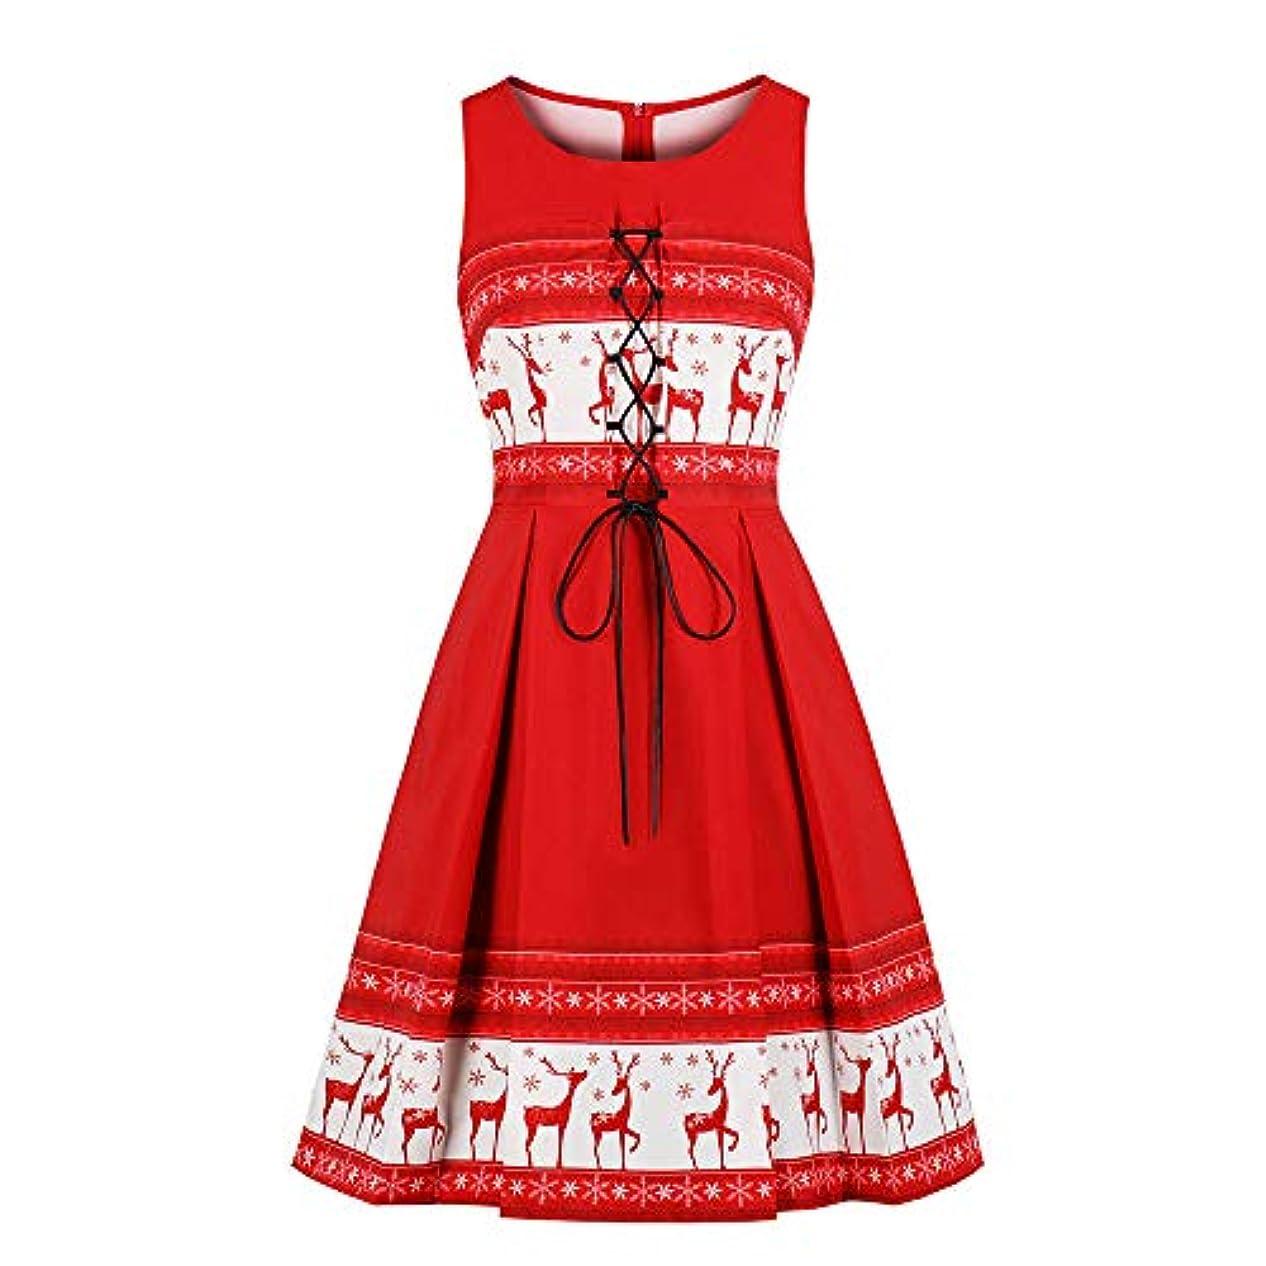 ワンピース BOBOGOJP 4種類 S?4XL クリスマス スペシャル 女性 レディース ビンテージ アンティーク 華やかな 美しい 主人公 ノースリーブ イブニングパーティー ドレス スイング ドレス